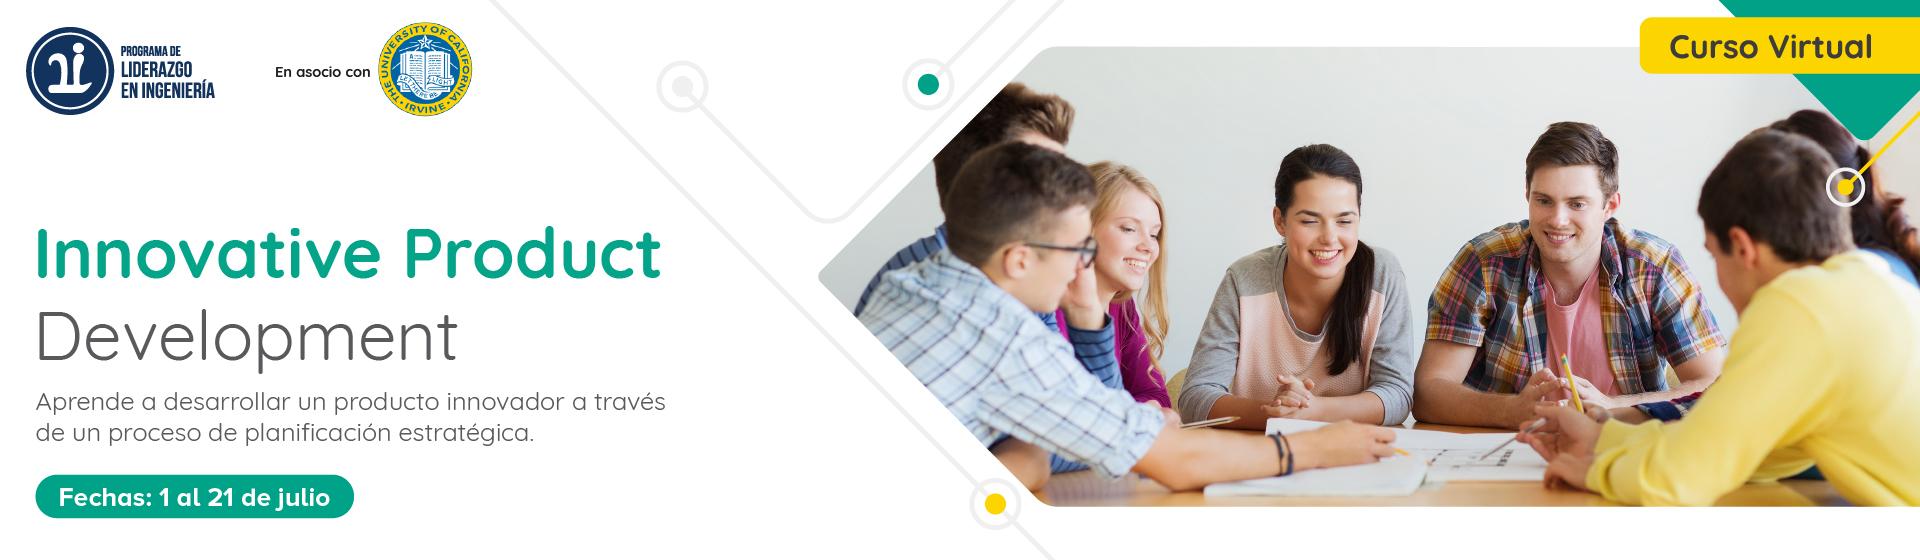 Si eres estudiante de Ingeniería de pregrado o posgrado, podrás homologar este curso como CLE o electiva y además recibirás certificado internacional otorgado por la división de Educación Continua de UC Irvine.